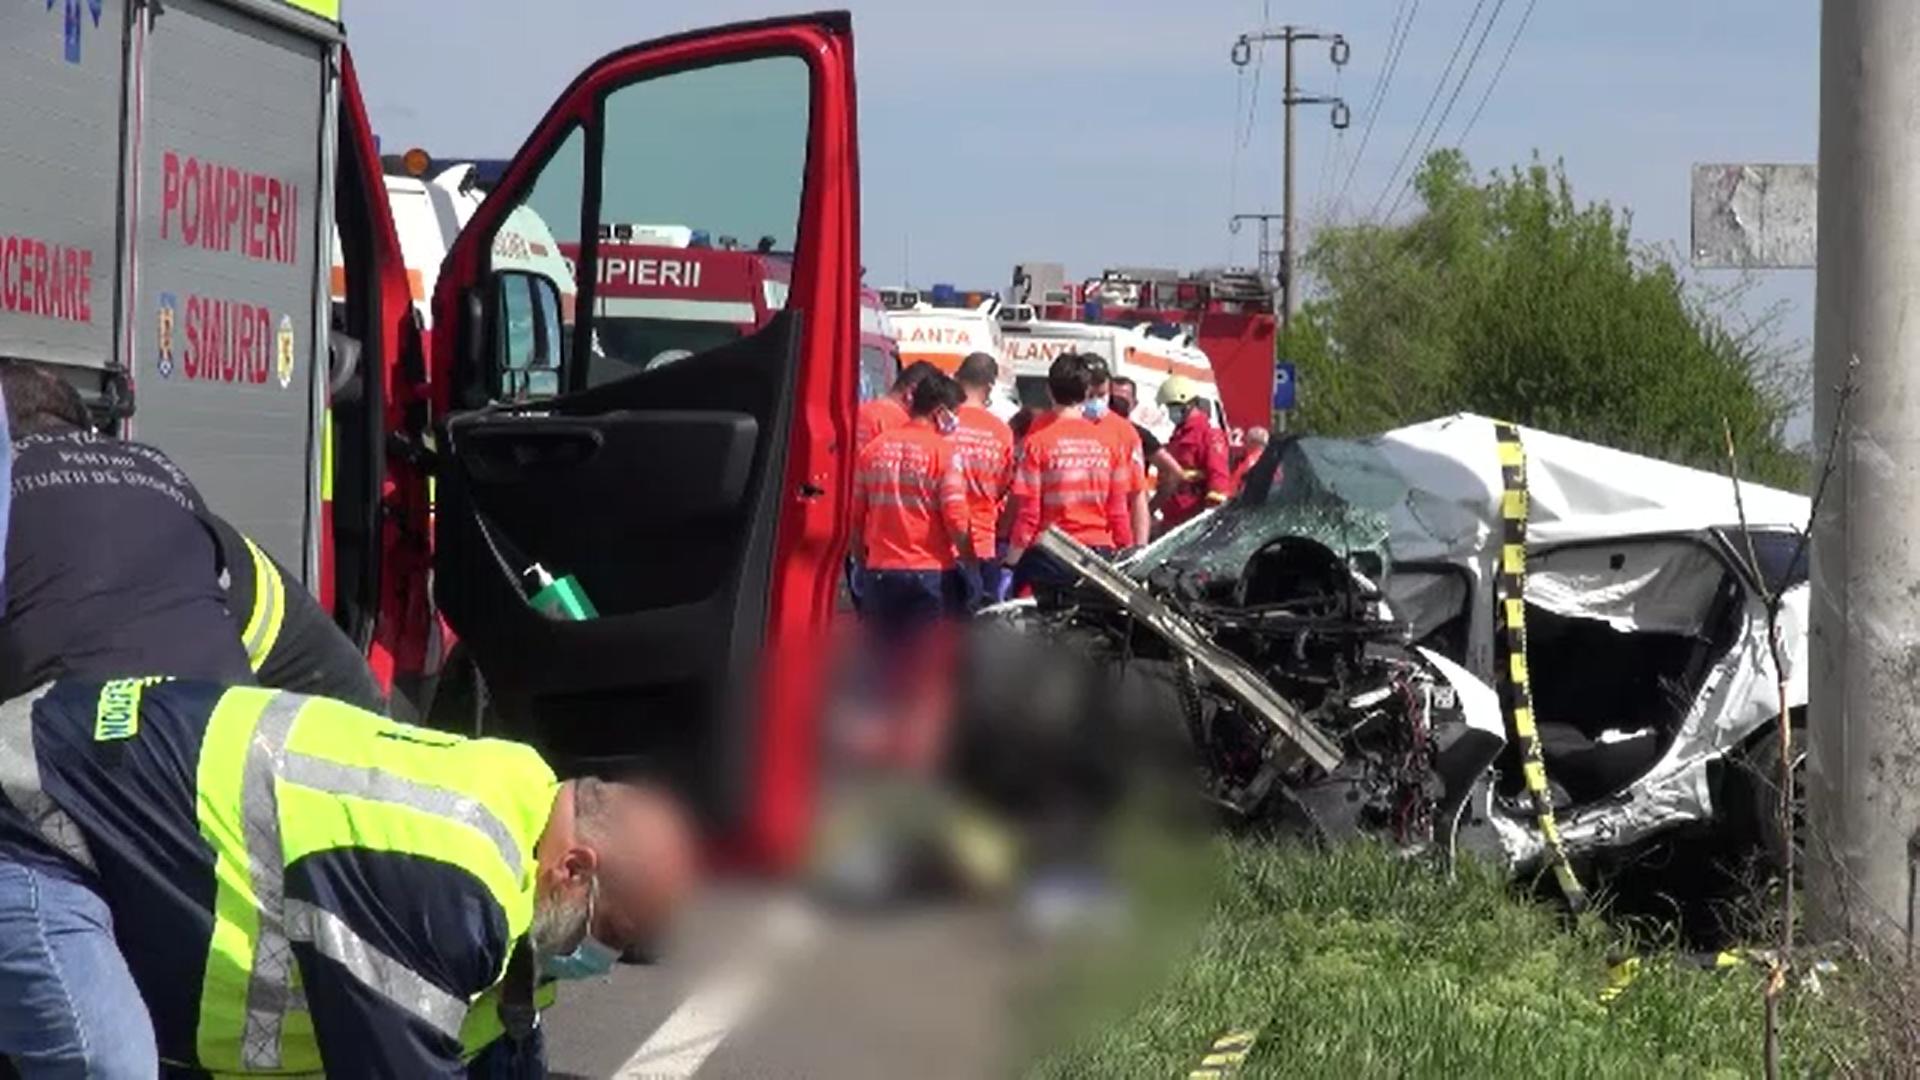 Tragedie pe DN1. Doi soți și-au pierdut viața, iar copiii lor sunt grav răniți după ce au intrat cu mașina într-un stâlp